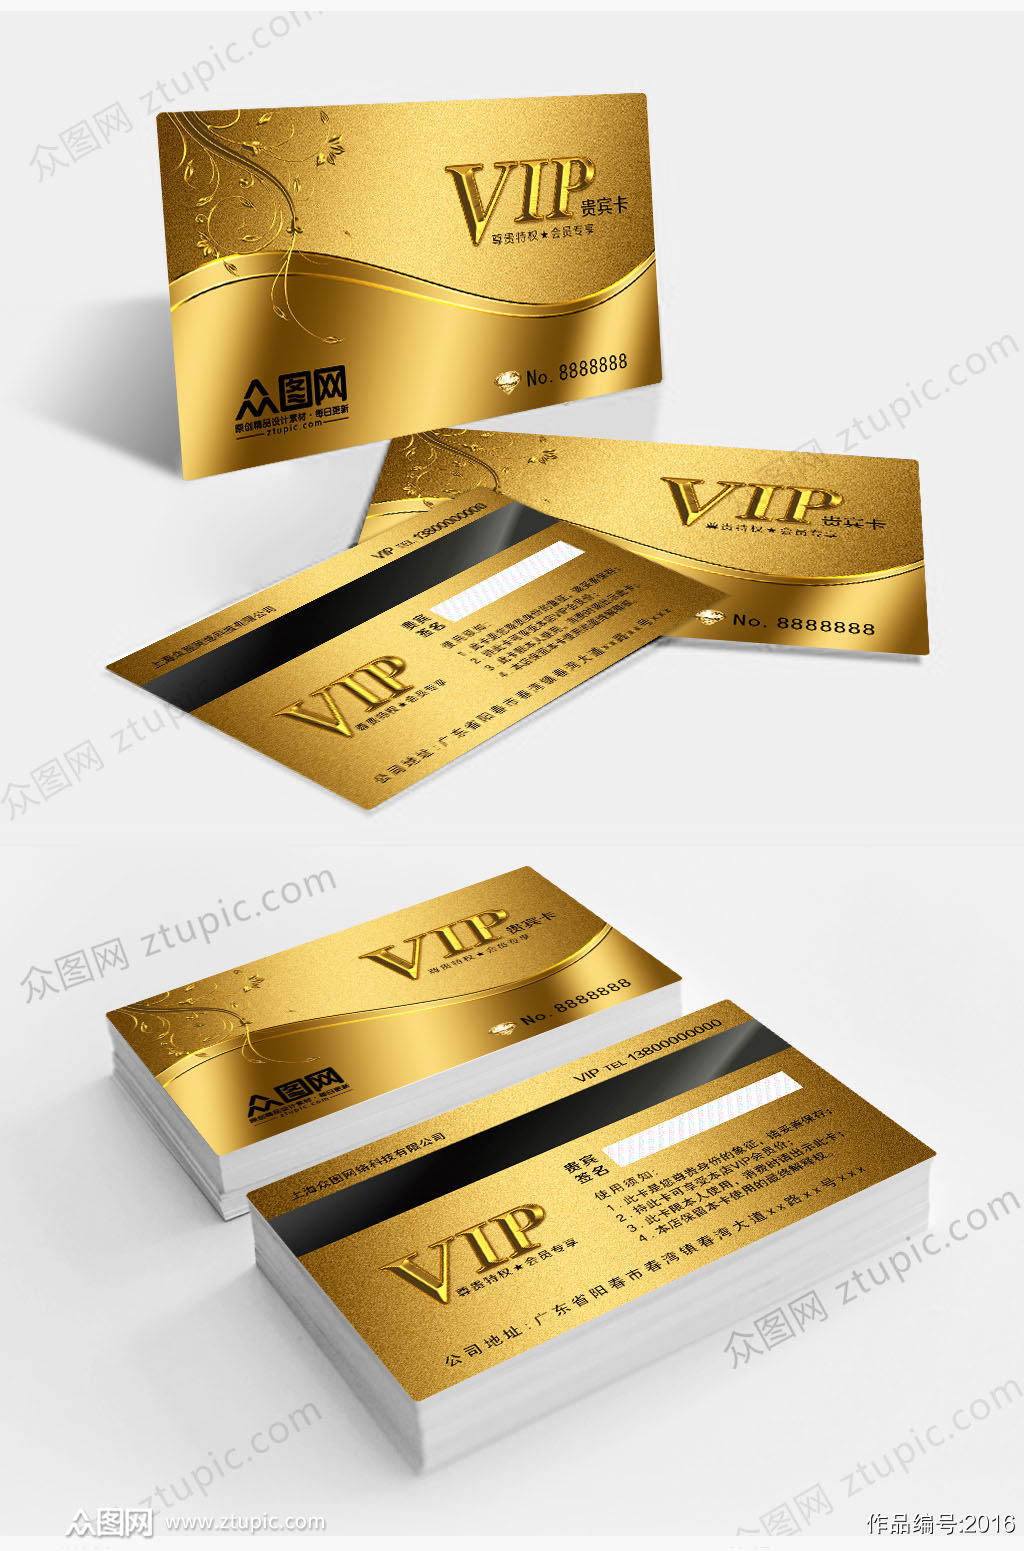 大气金色贵宾卡VIP卡素材